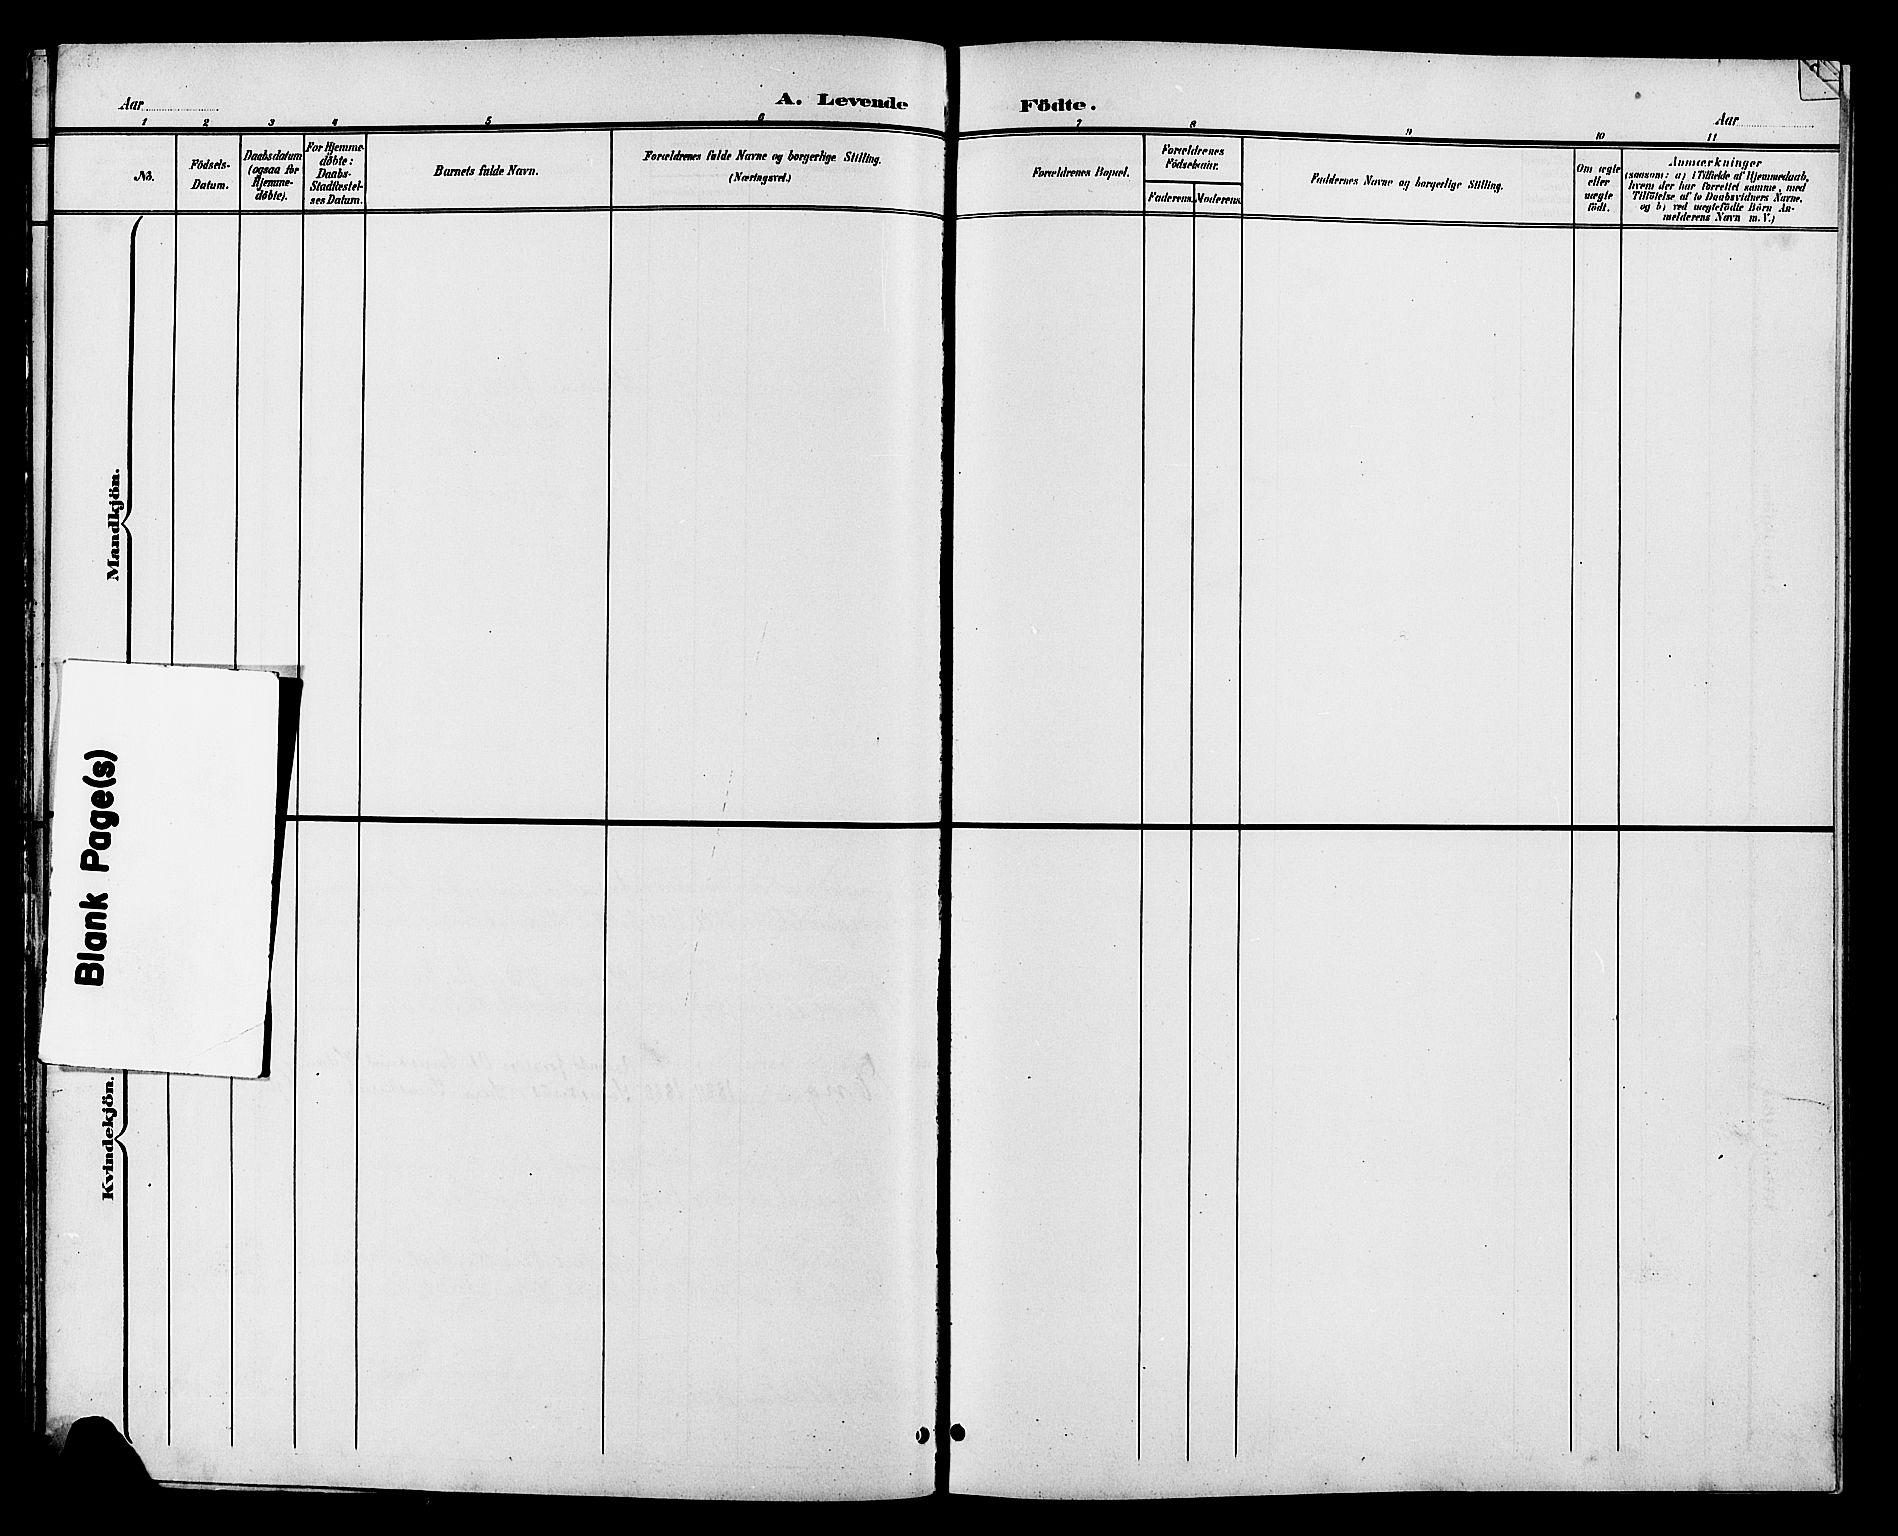 SAH, Vestre Toten prestekontor, H/Ha/Hab/L0011: Klokkerbok nr. 11, 1901-1911, s. 69